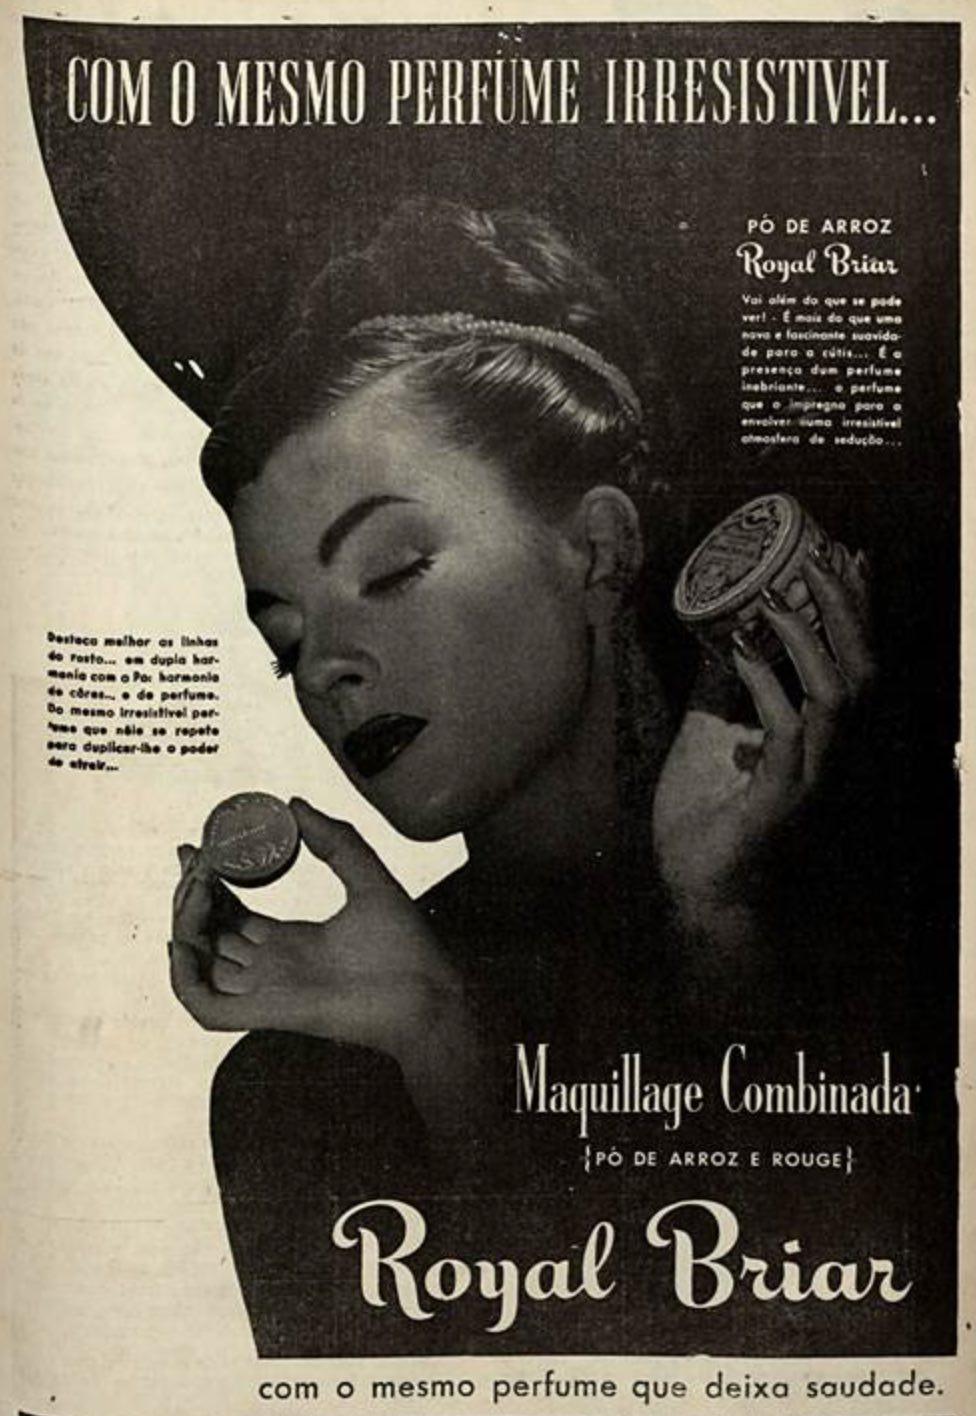 Propaganda antiga da maquiagem Royal Briar veiculada em 1946